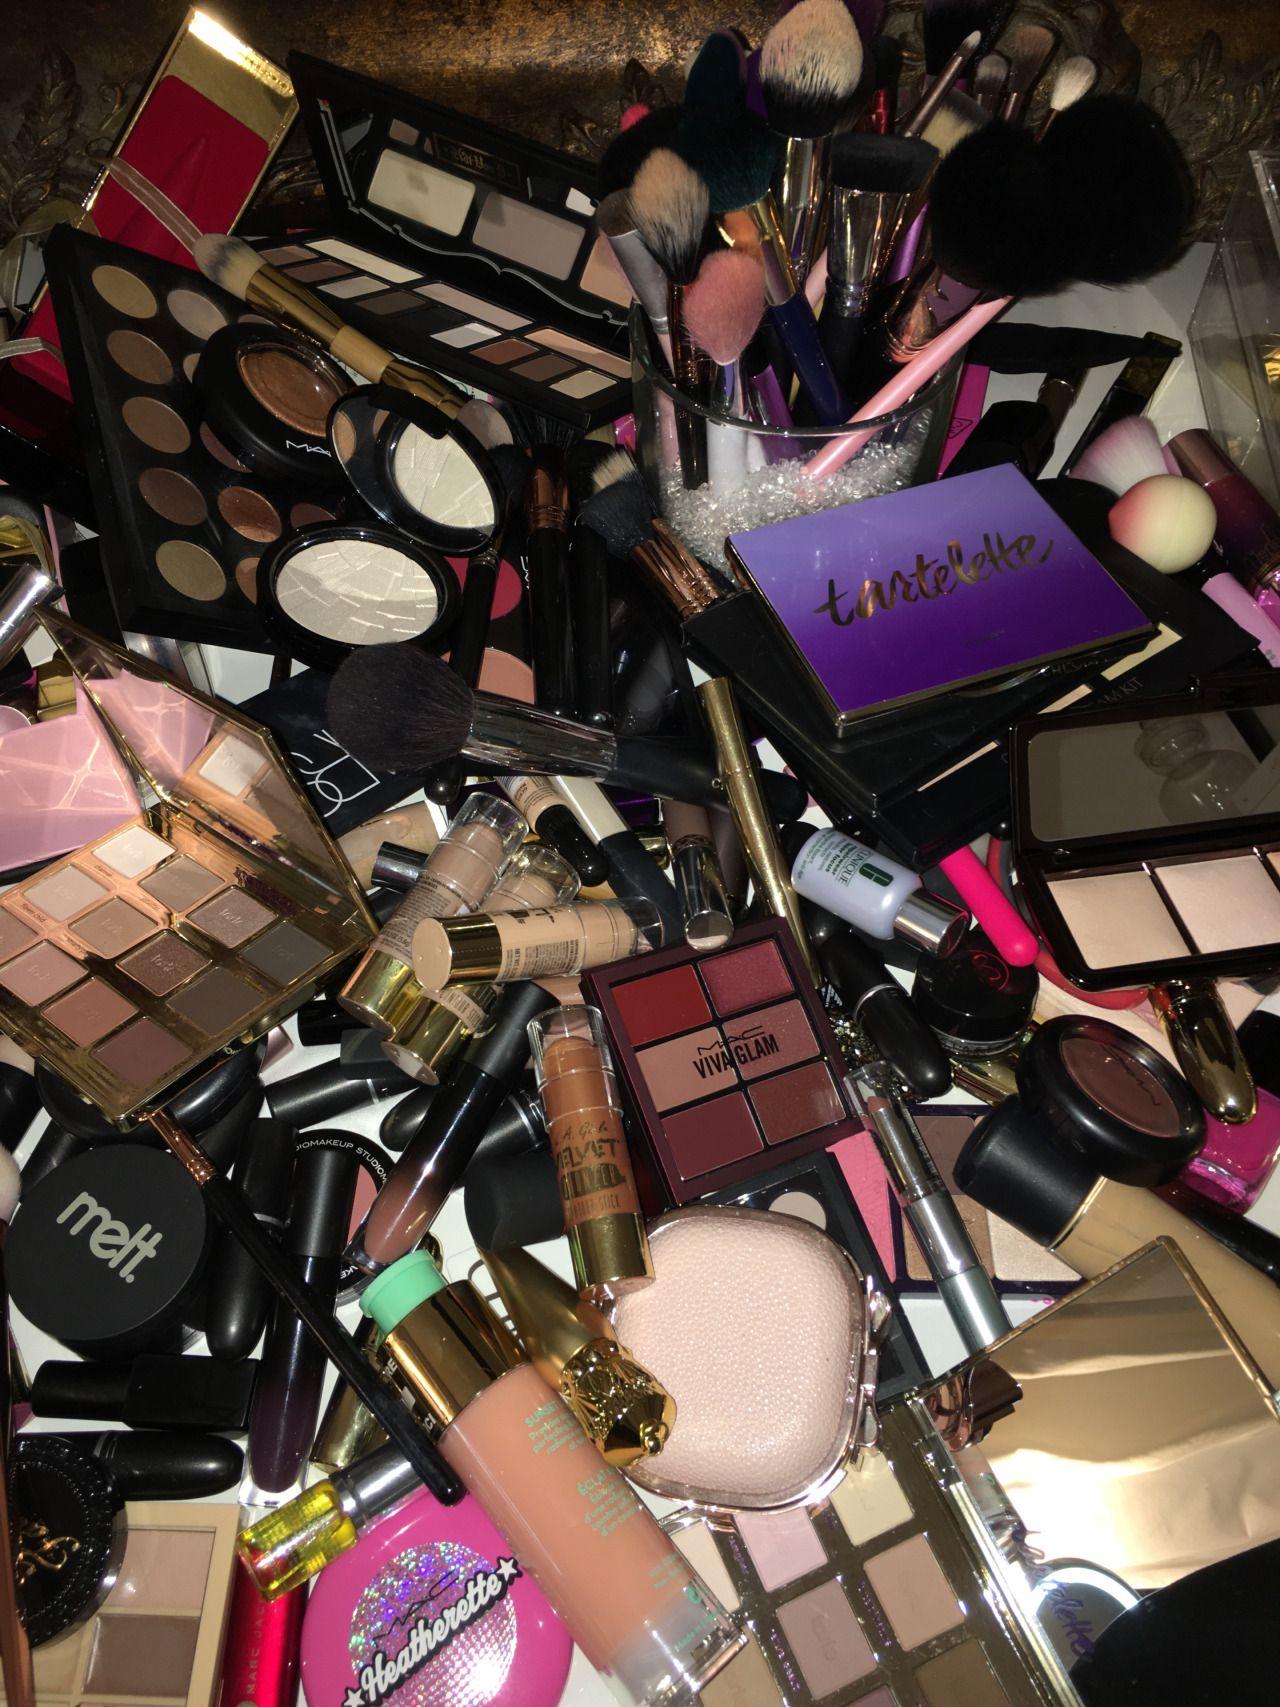 Makeup Pile Makeup organization, Airbrush makeup, Makeup